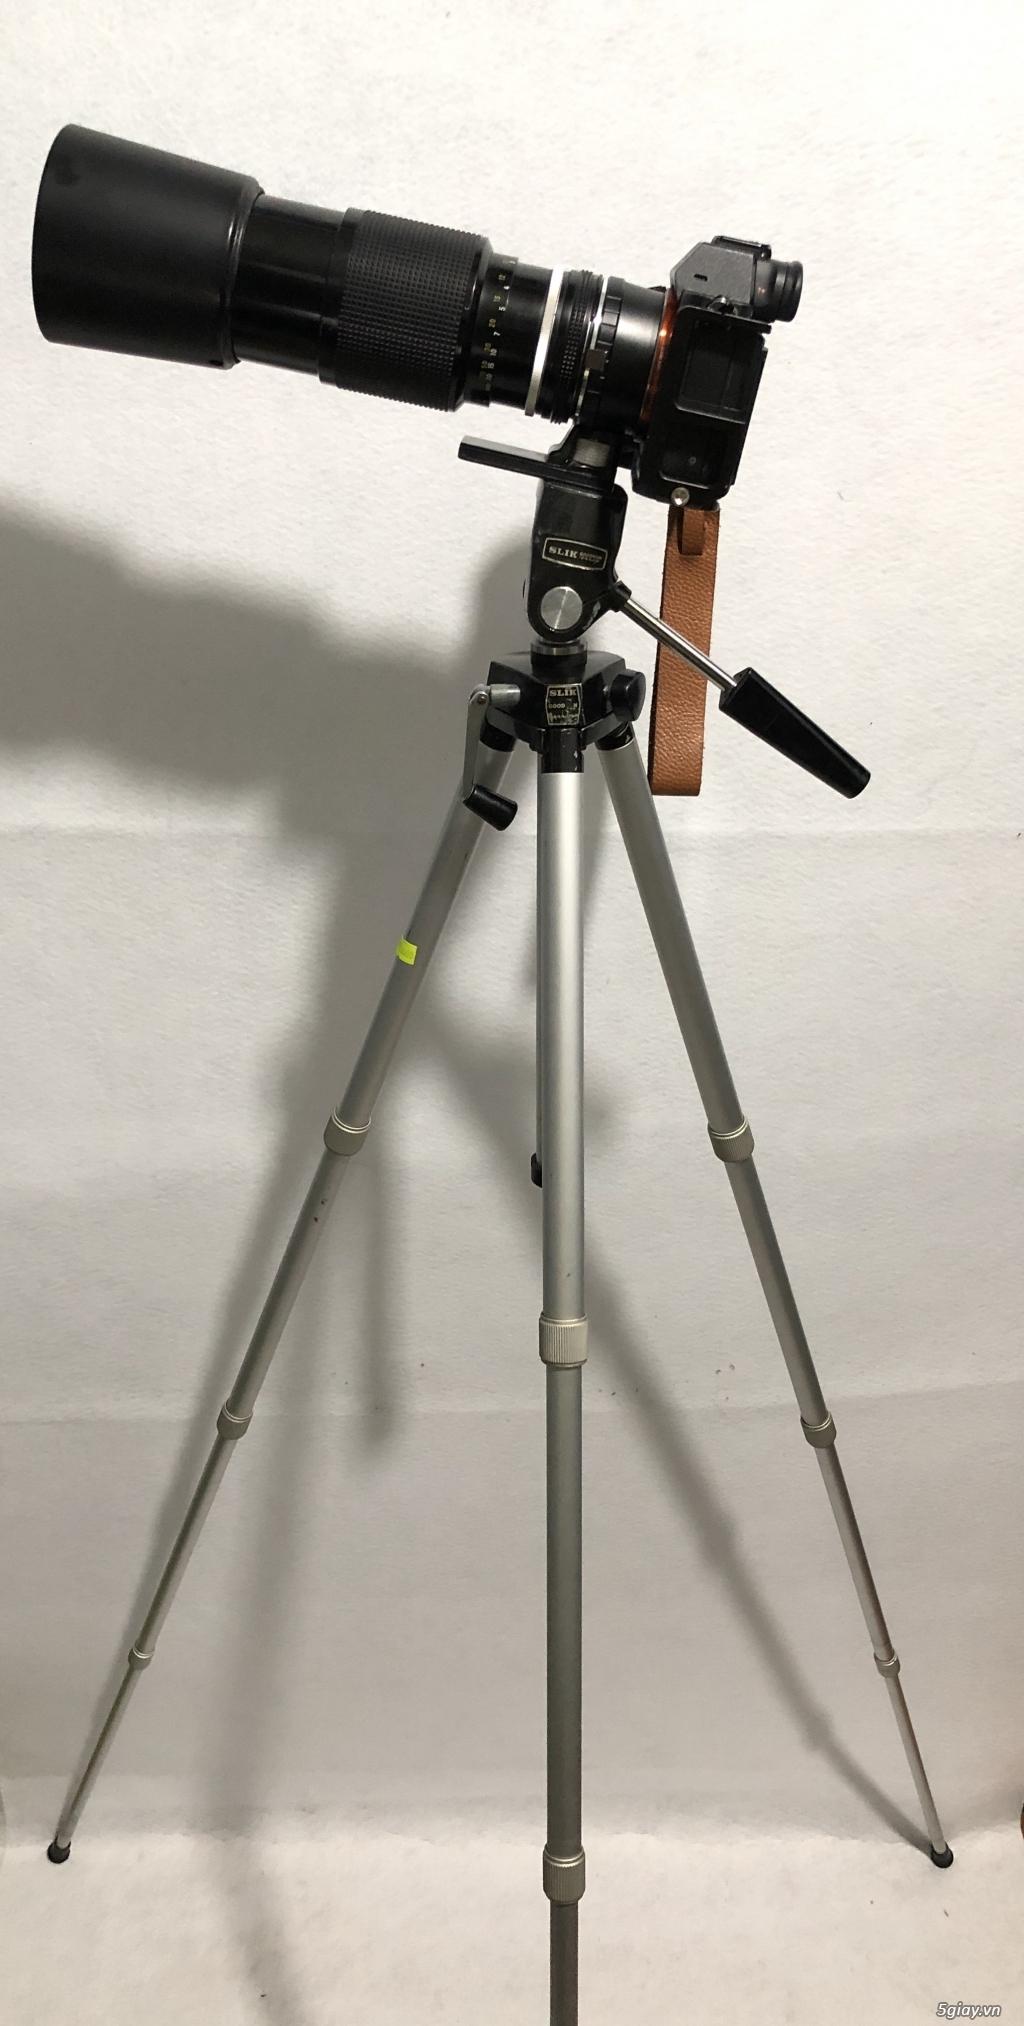 Chân máy ảnh nội địa nhật Slik Handy Goodman full kim loại, tải khủng! - 7